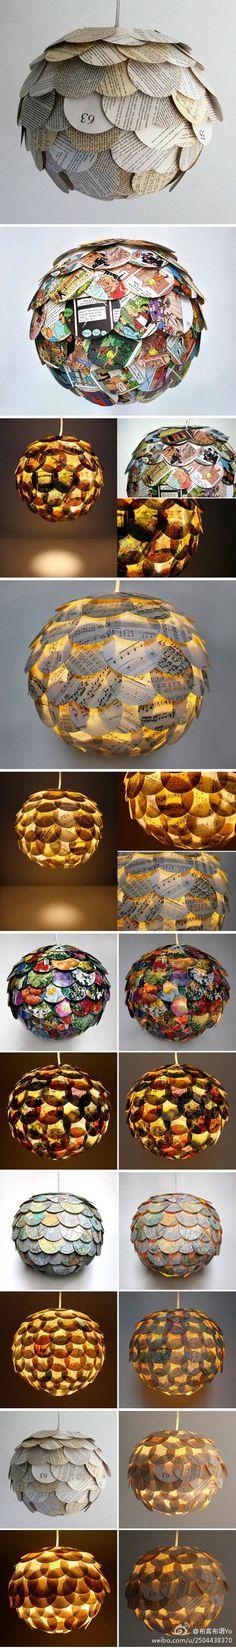 纽约建筑设计师 Allison Patrick 设计的吊灯~都是用不同的纸裁剪后粘贴成的,可是好有感觉呢~~